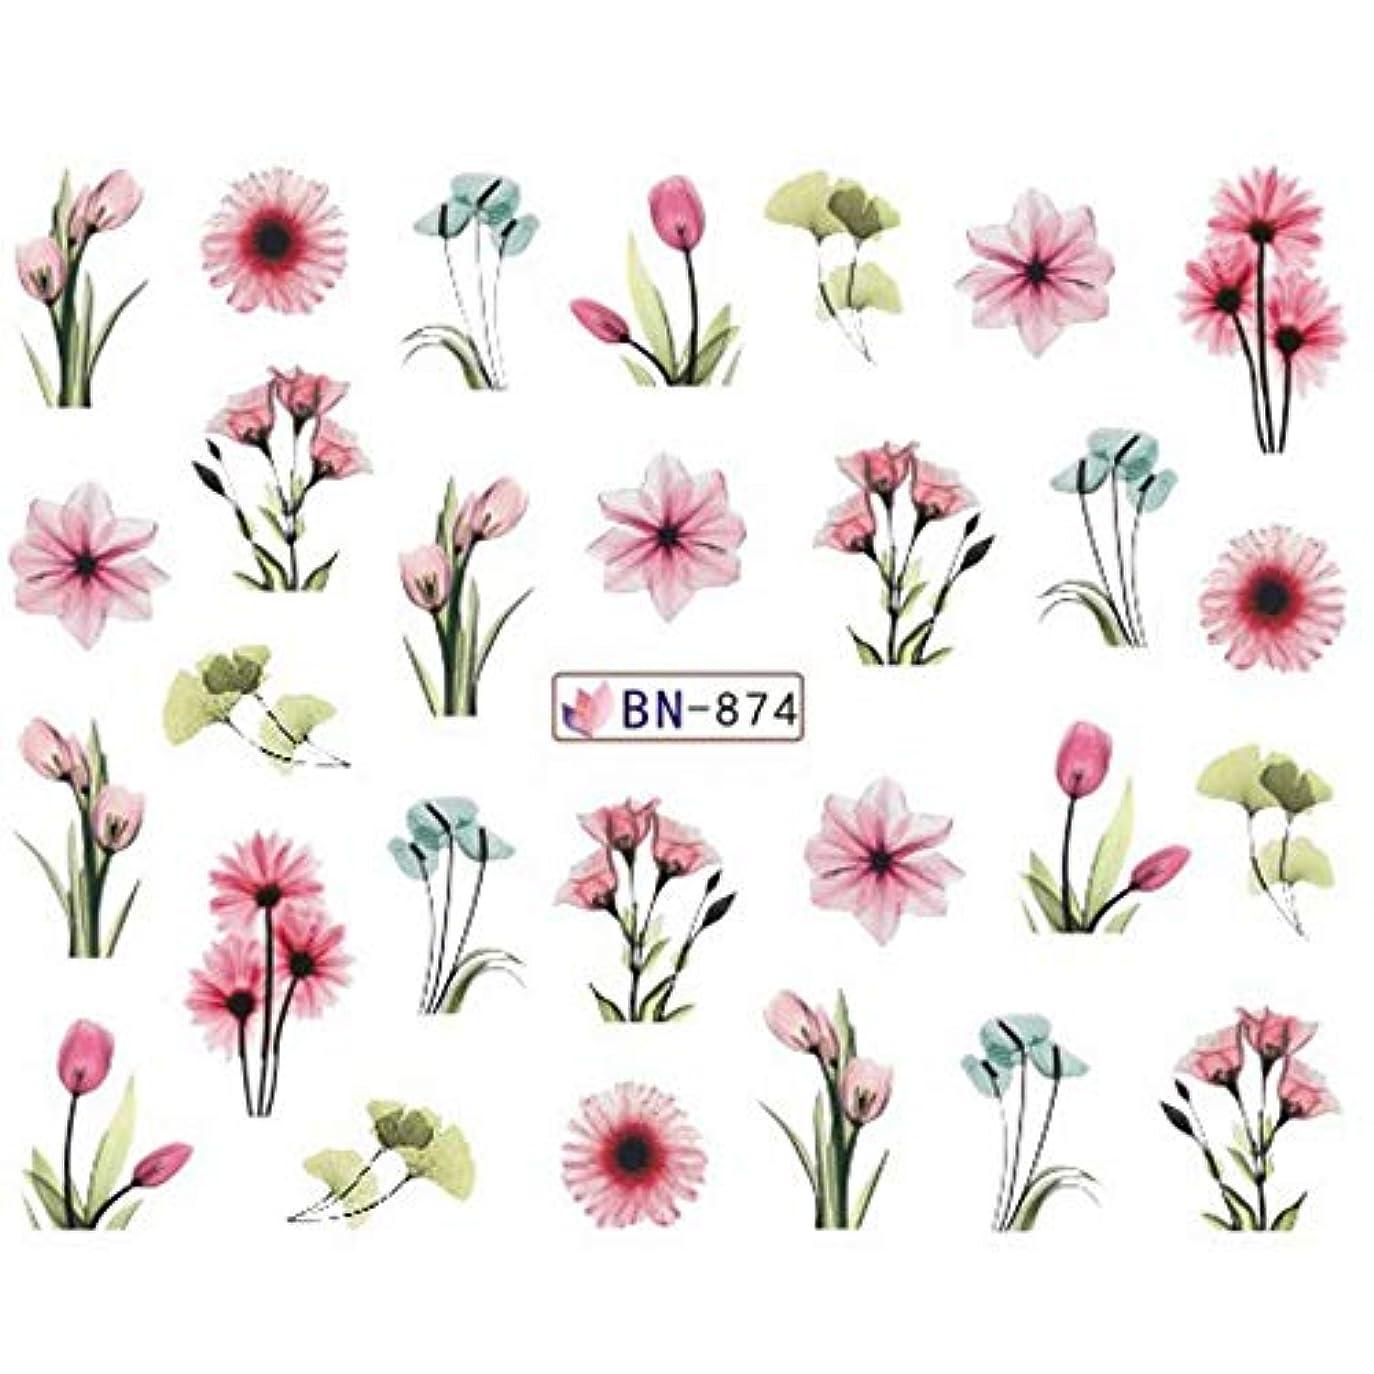 二細胞回復AAcreatspace日本のマニキュアステッカーDIYネイルアートネイルステッカーファッション印刷ネイルペーパーネイルアートデコレーションDIYネイルツール